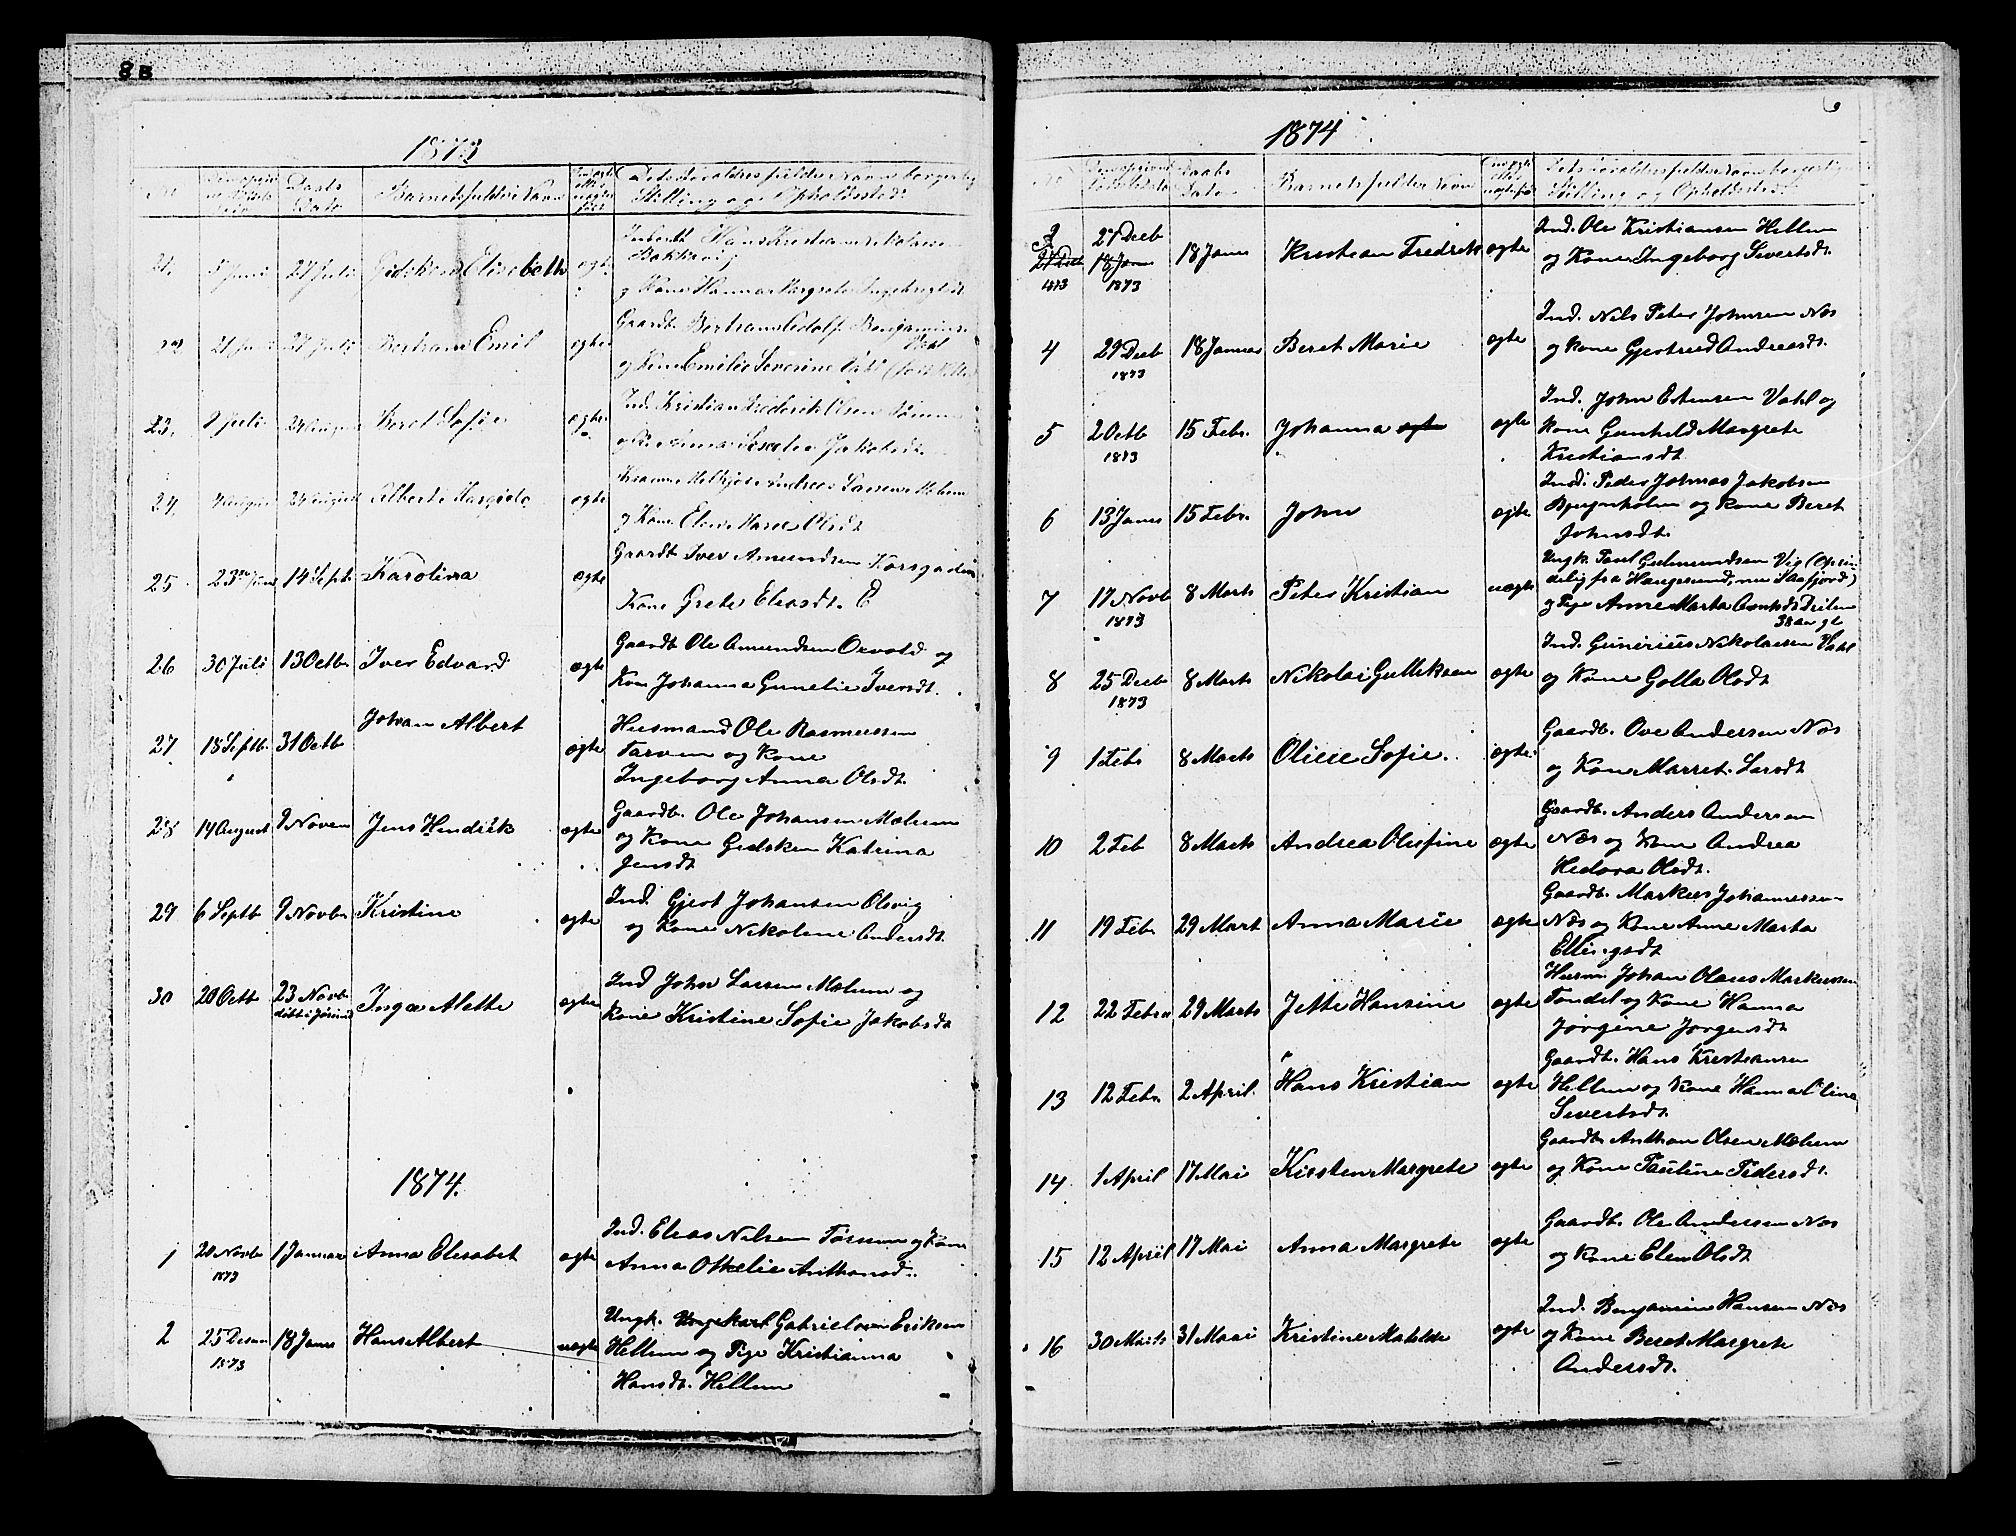 SAT, Ministerialprotokoller, klokkerbøker og fødselsregistre - Sør-Trøndelag, 652/L0653: Klokkerbok nr. 652C01, 1866-1910, s. 9